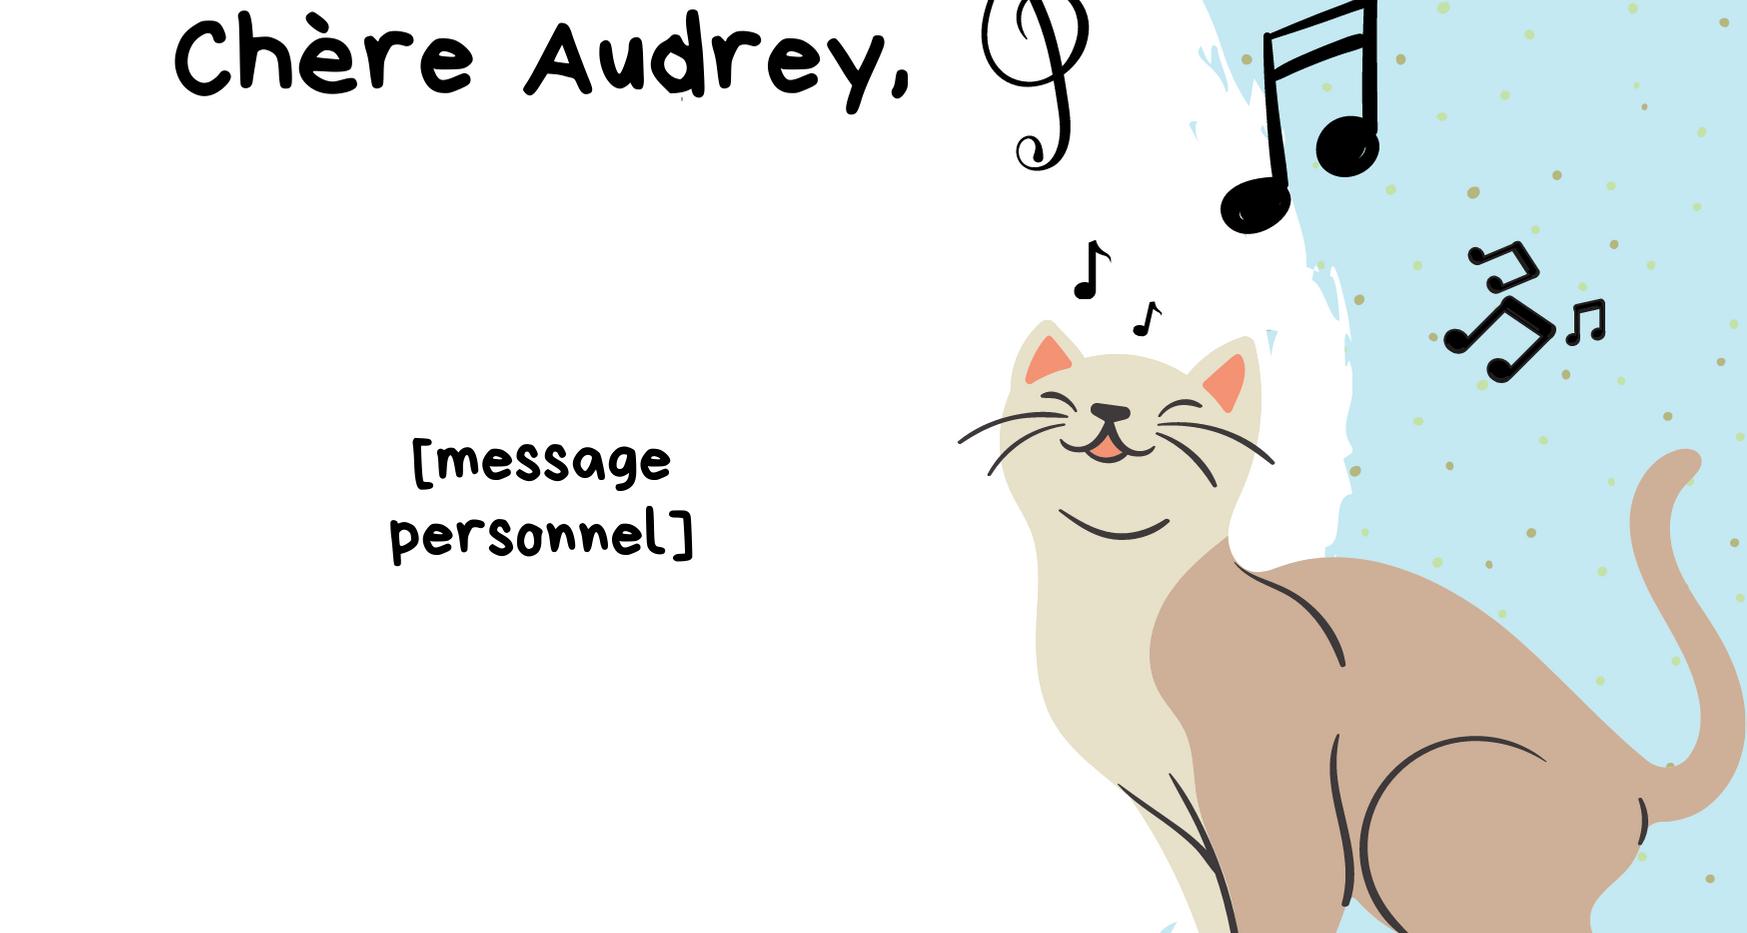 Cadeau Audrey